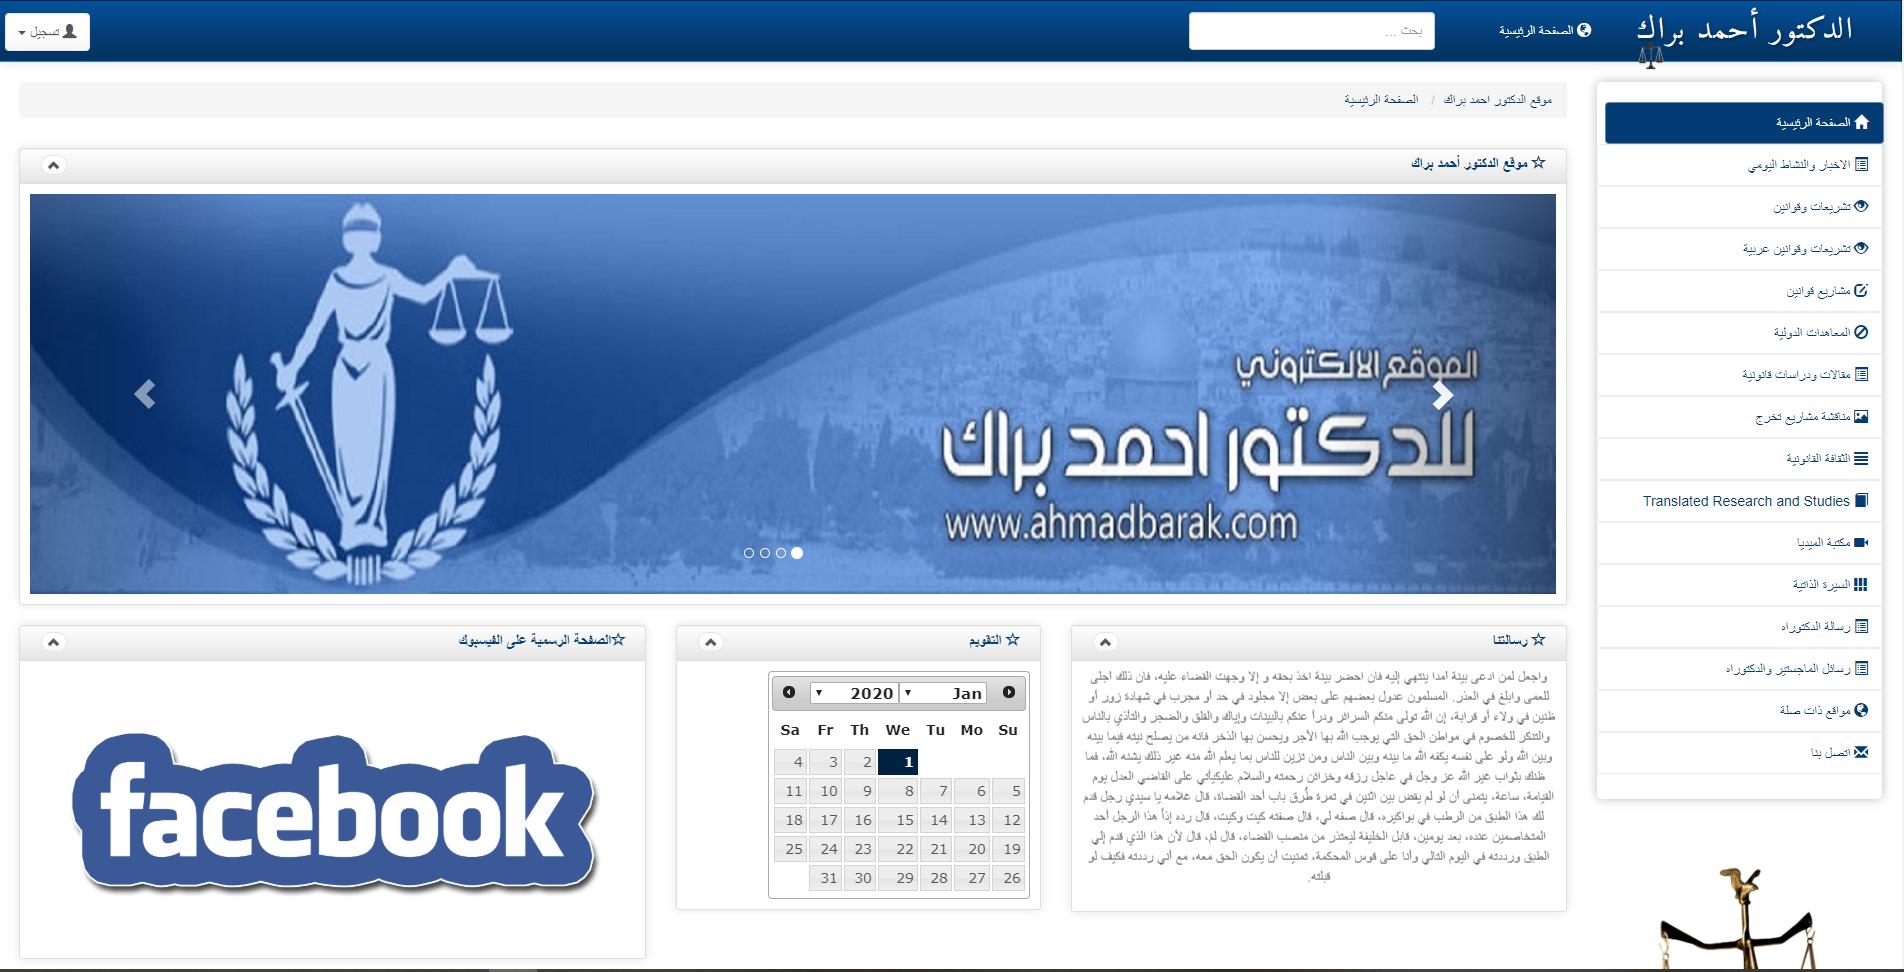 Dr. Ahmad Barak Website